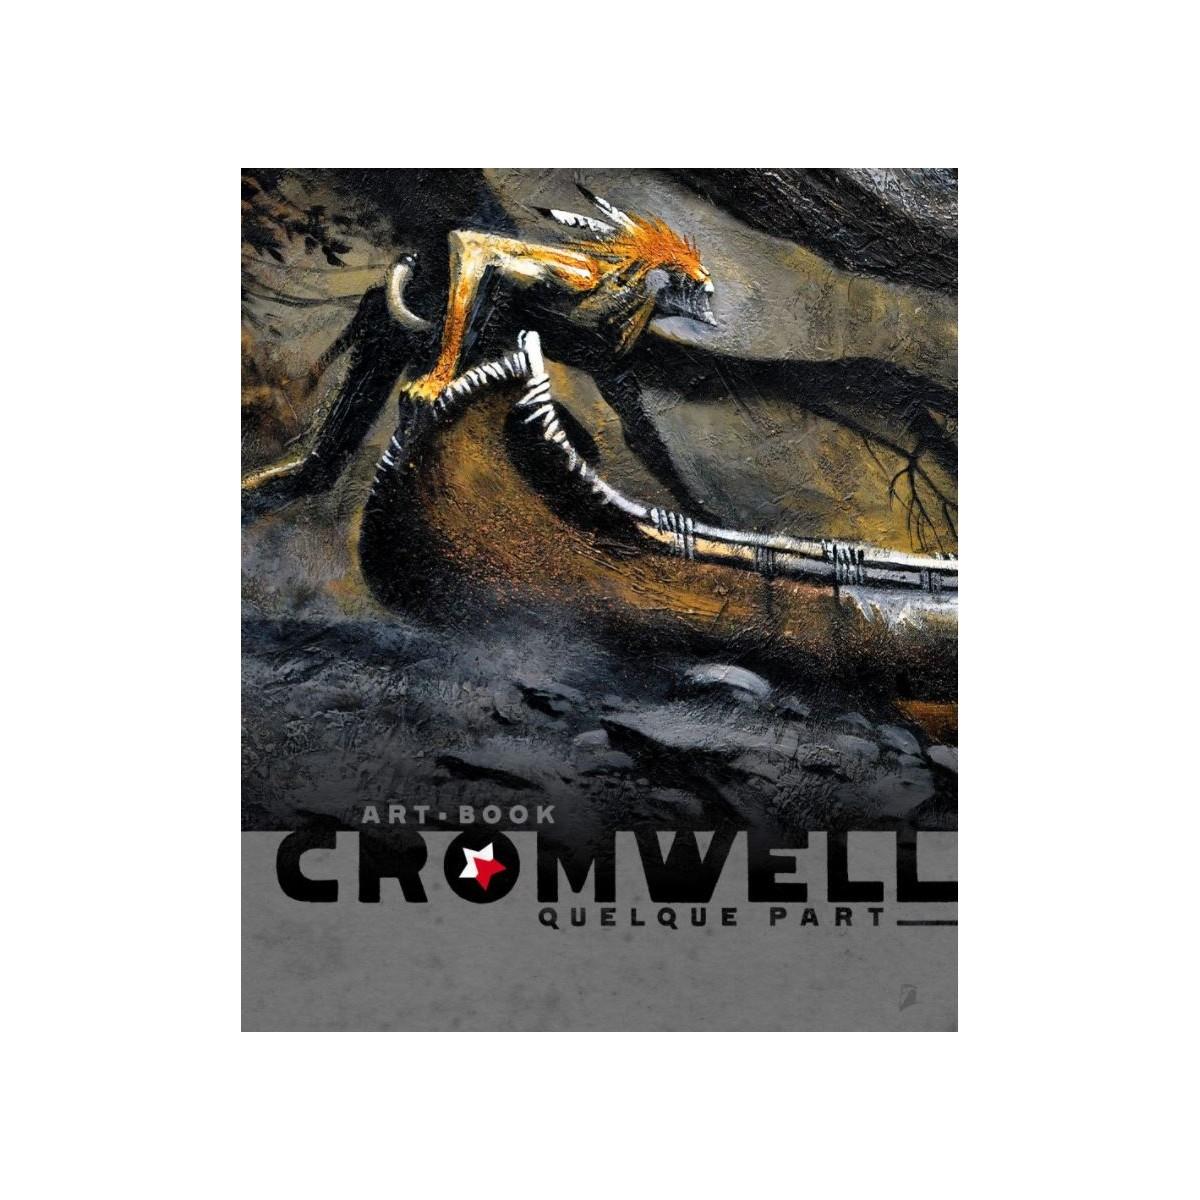 Cromwell - Quelque part